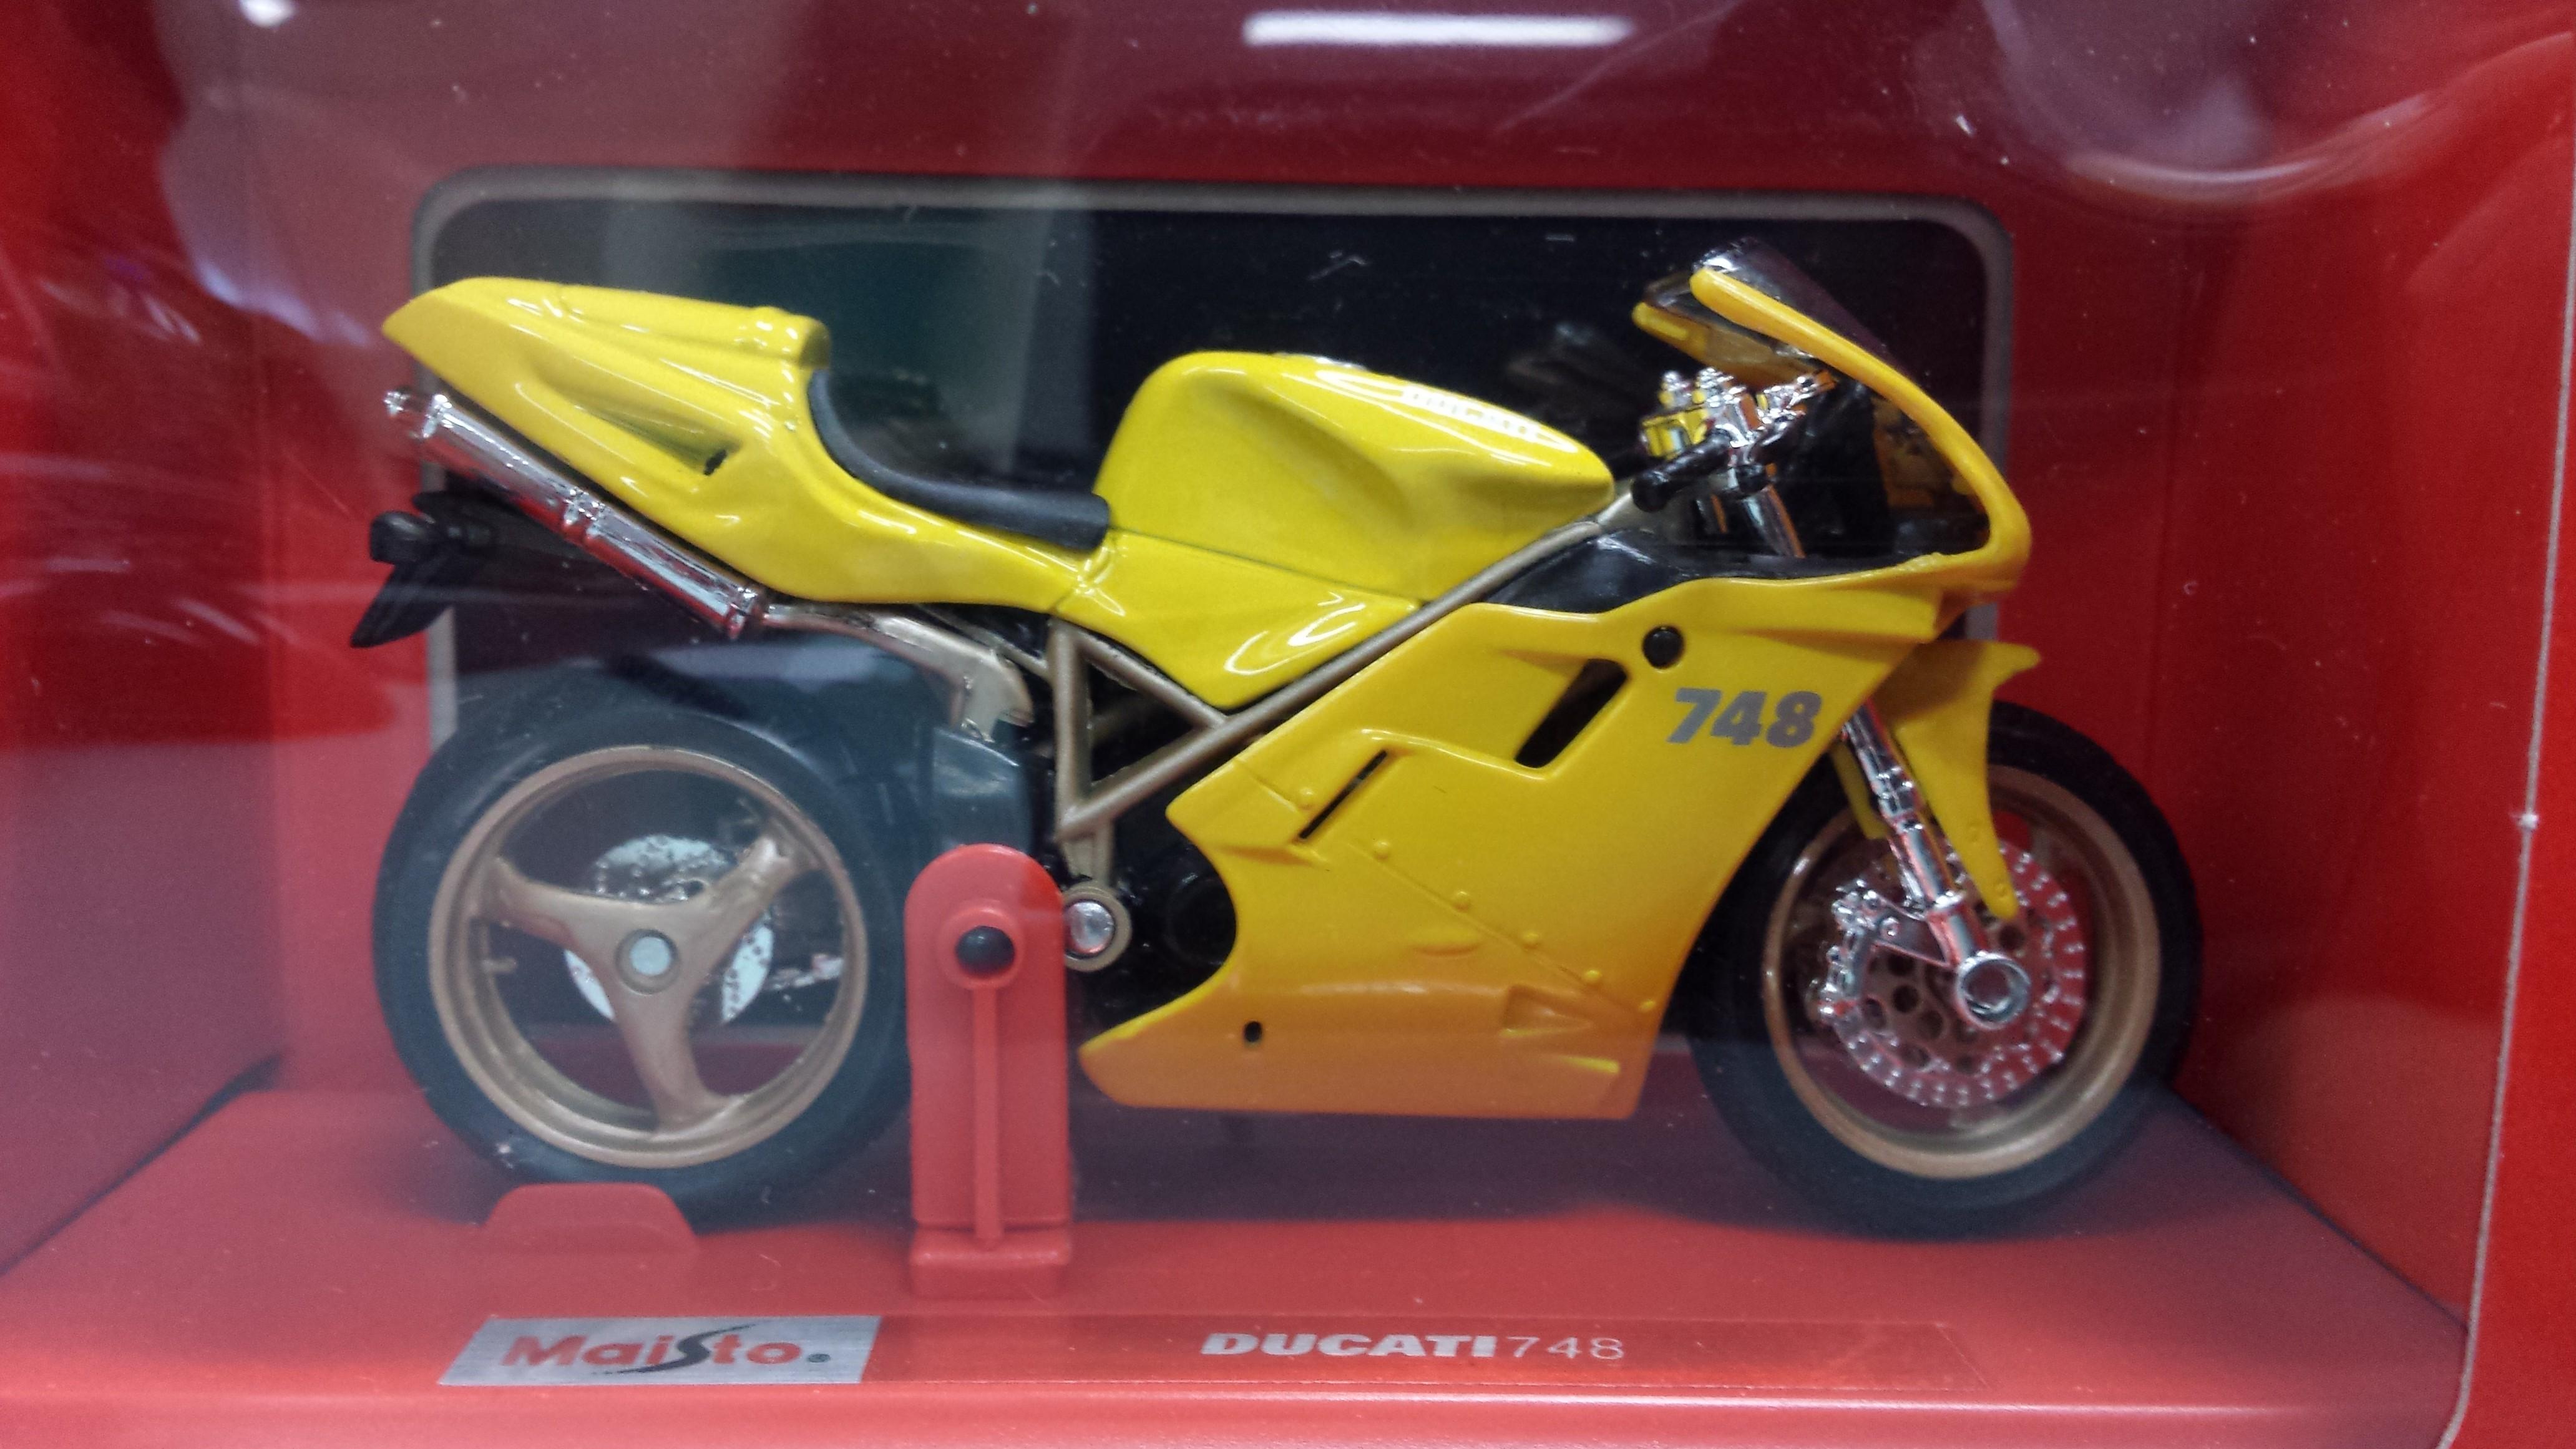 Maisto Ducati 748 (1:18)